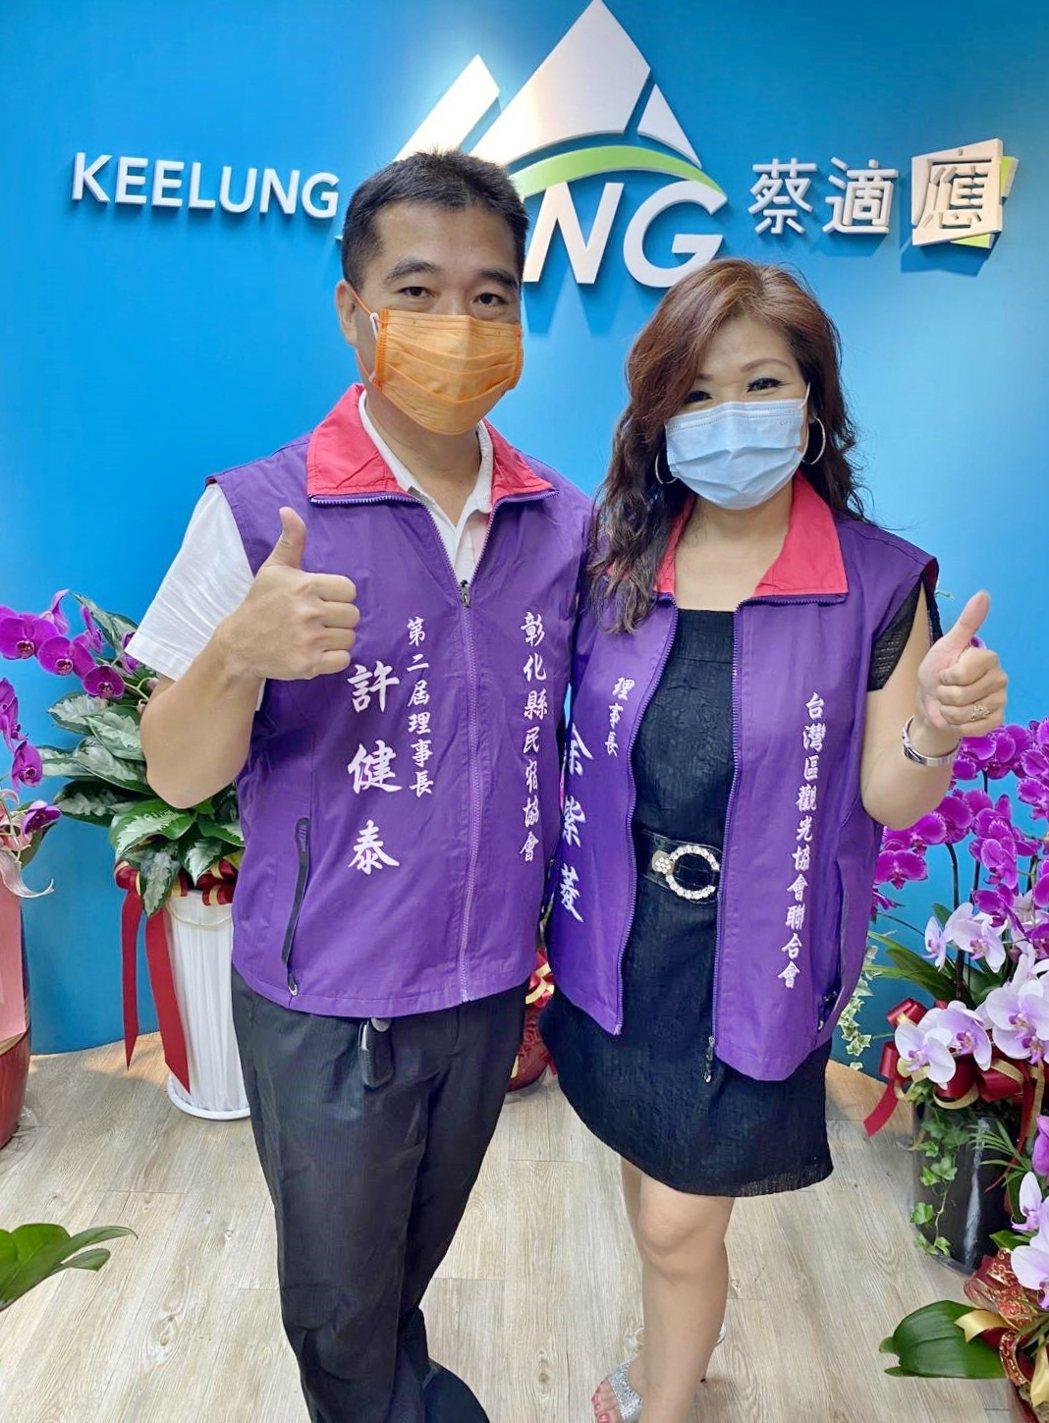 台灣觀光協會聯合總會/提供